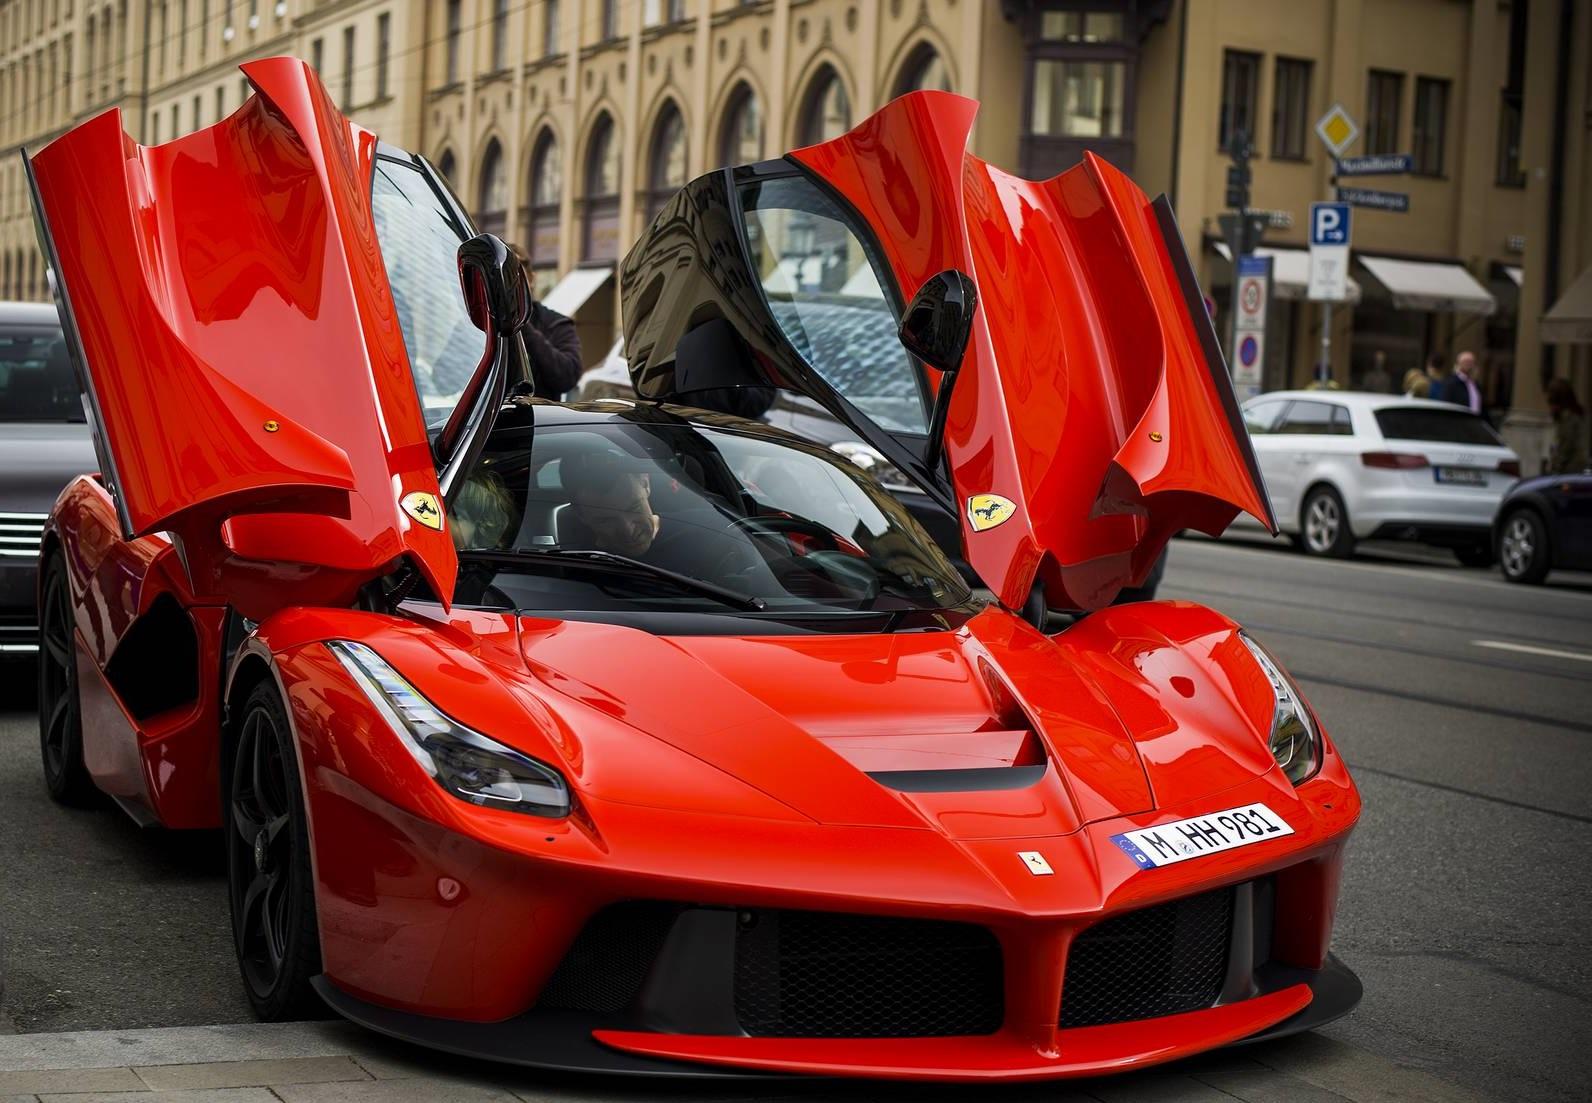 Ferrari La Ferrari >> Imágenes de autos geniales (3)   Lista de Carros